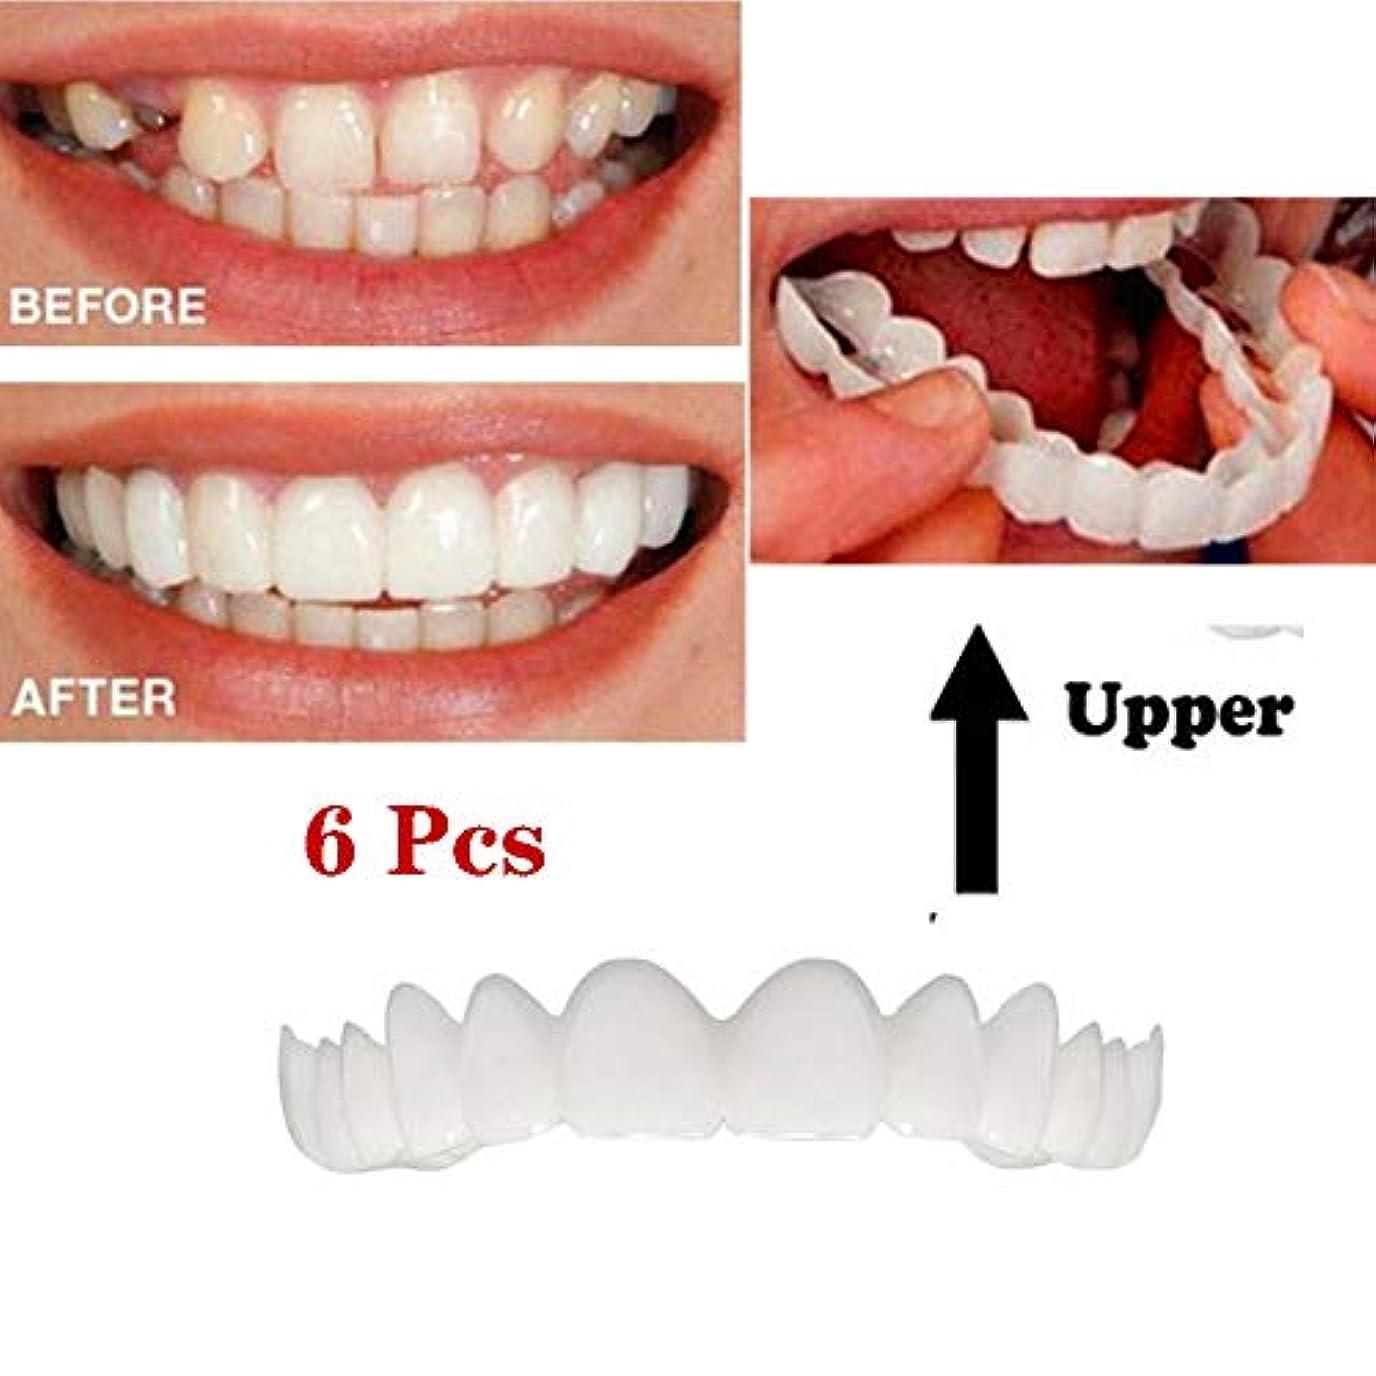 追加する寝具欠如義歯口腔ケア歯ホワイトニング義歯口腔ケアアッパーブレース一時的な化粧品歯義歯 - 6本